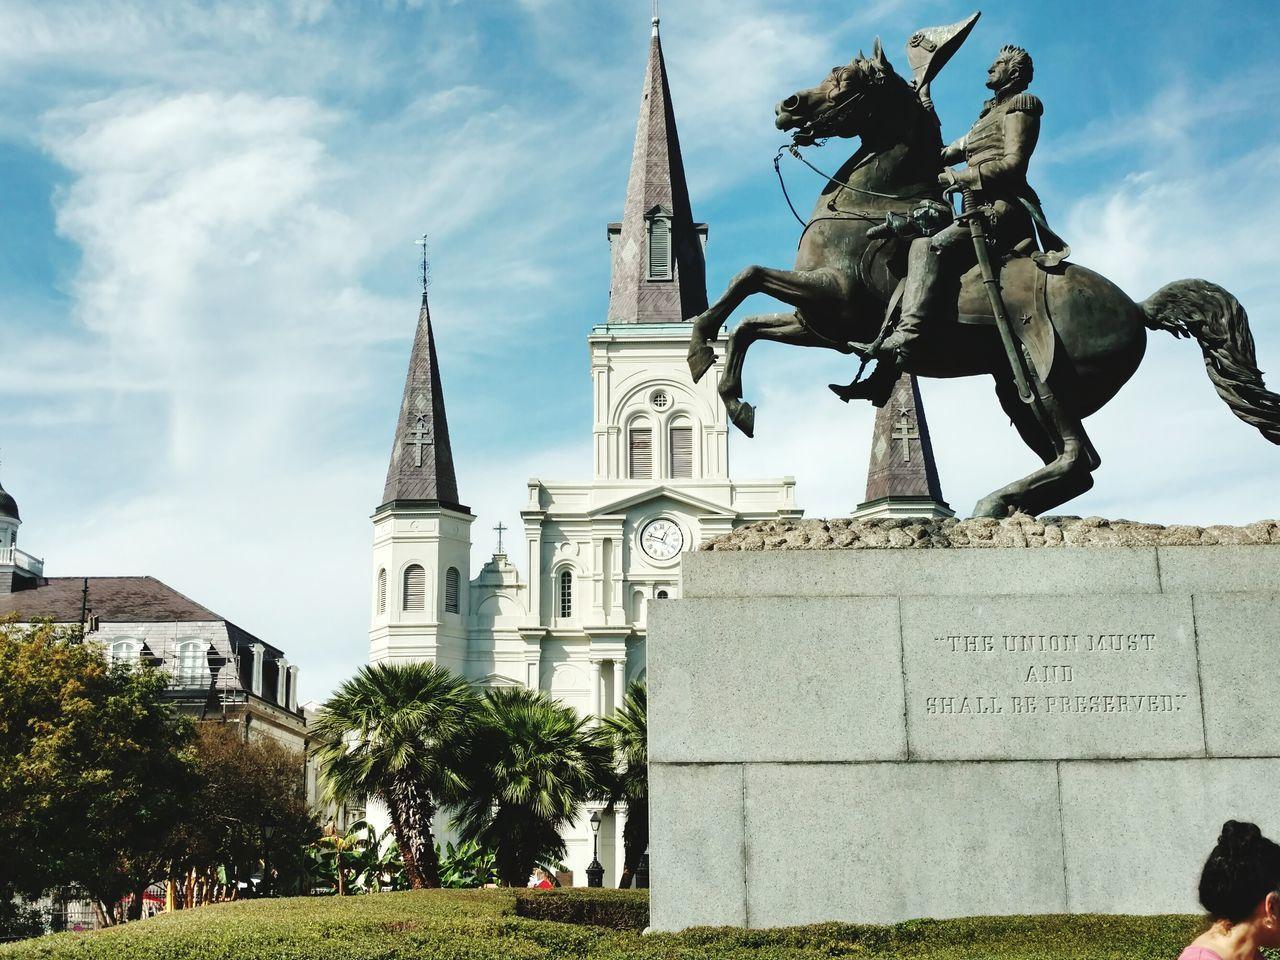 NOLA Jackson Square New Orleans, LA Statue Cityscape